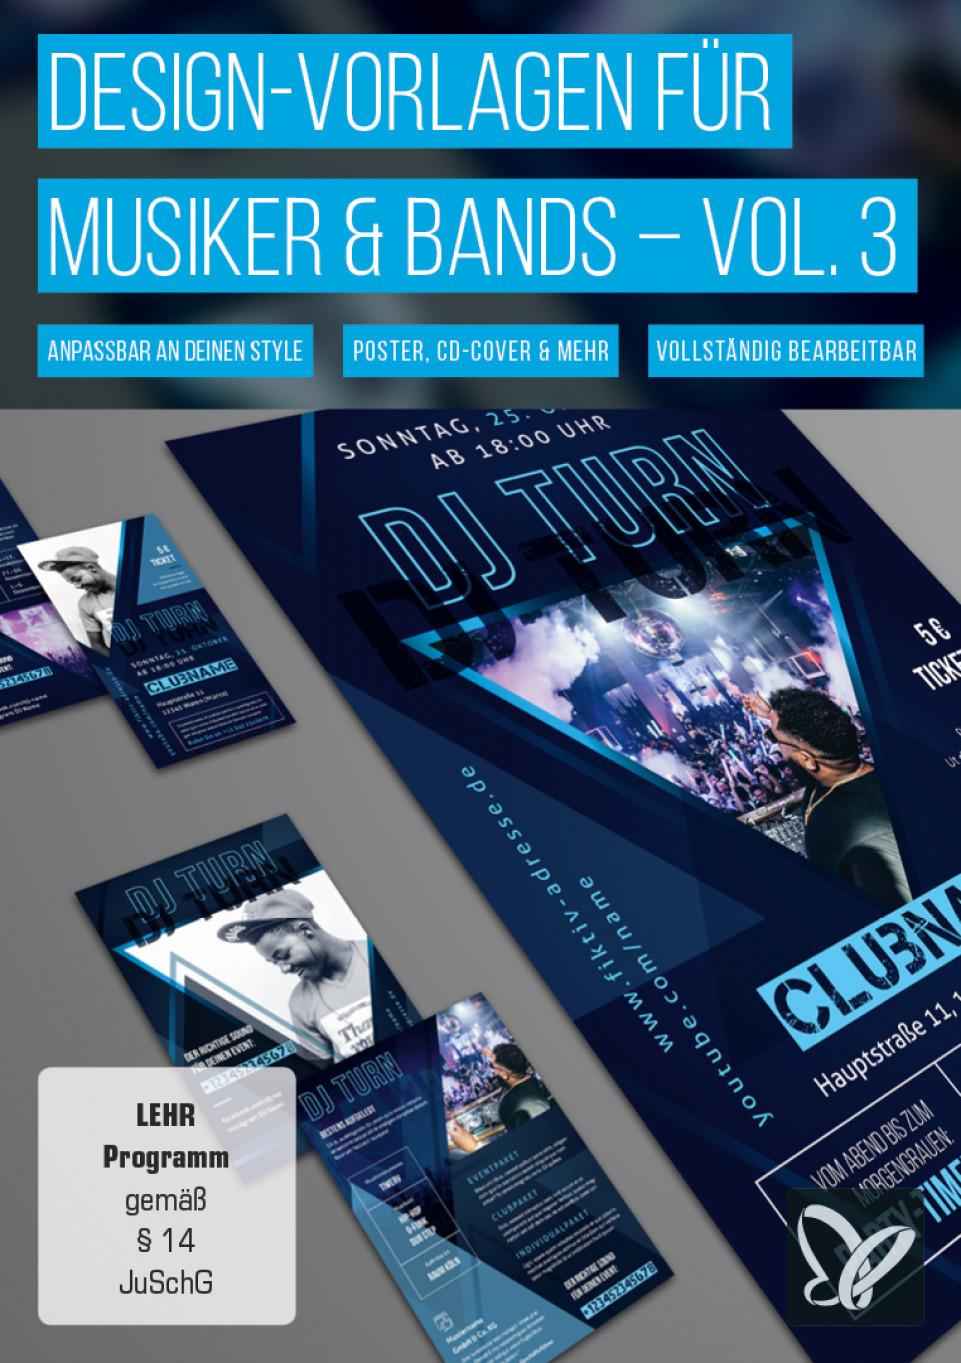 Design-Vorlagen für Musiker & Bands